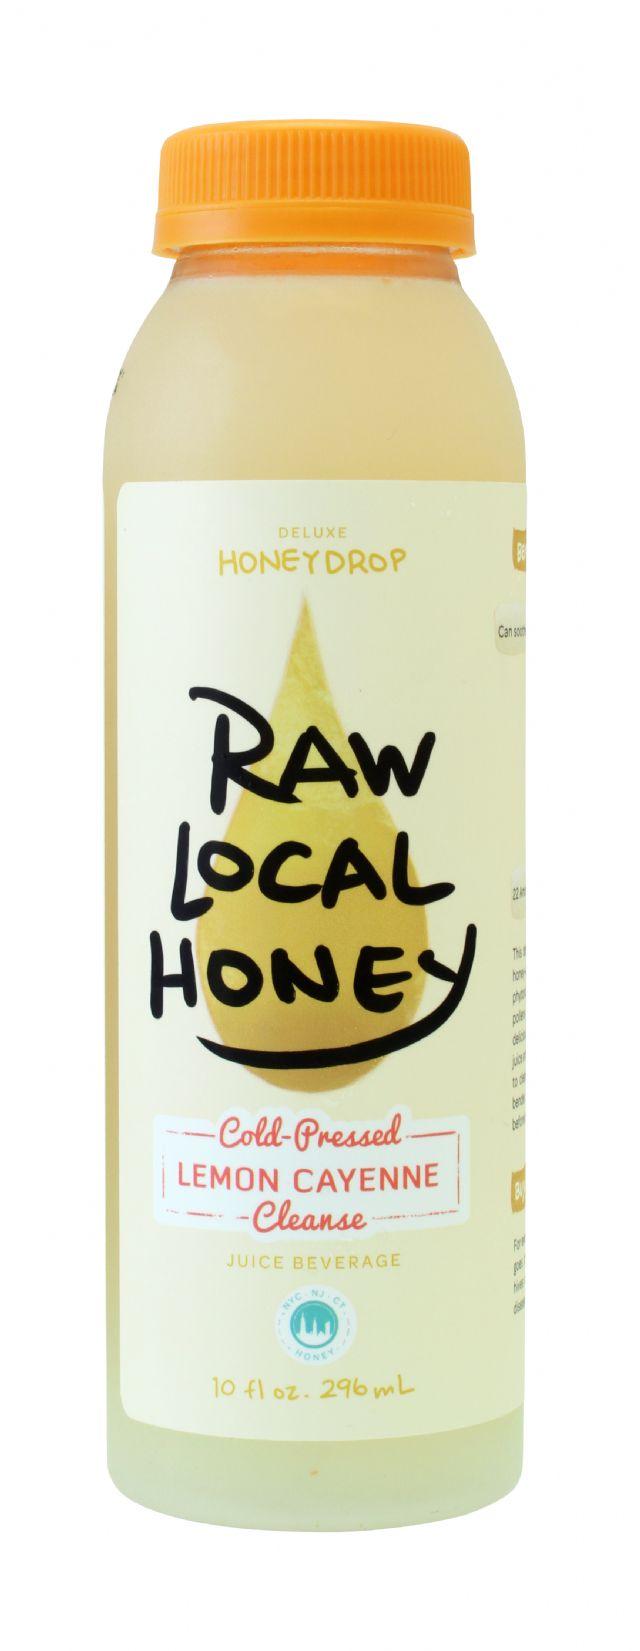 Deluxe Honeydrop: Honeydrop LemonCayenne Front